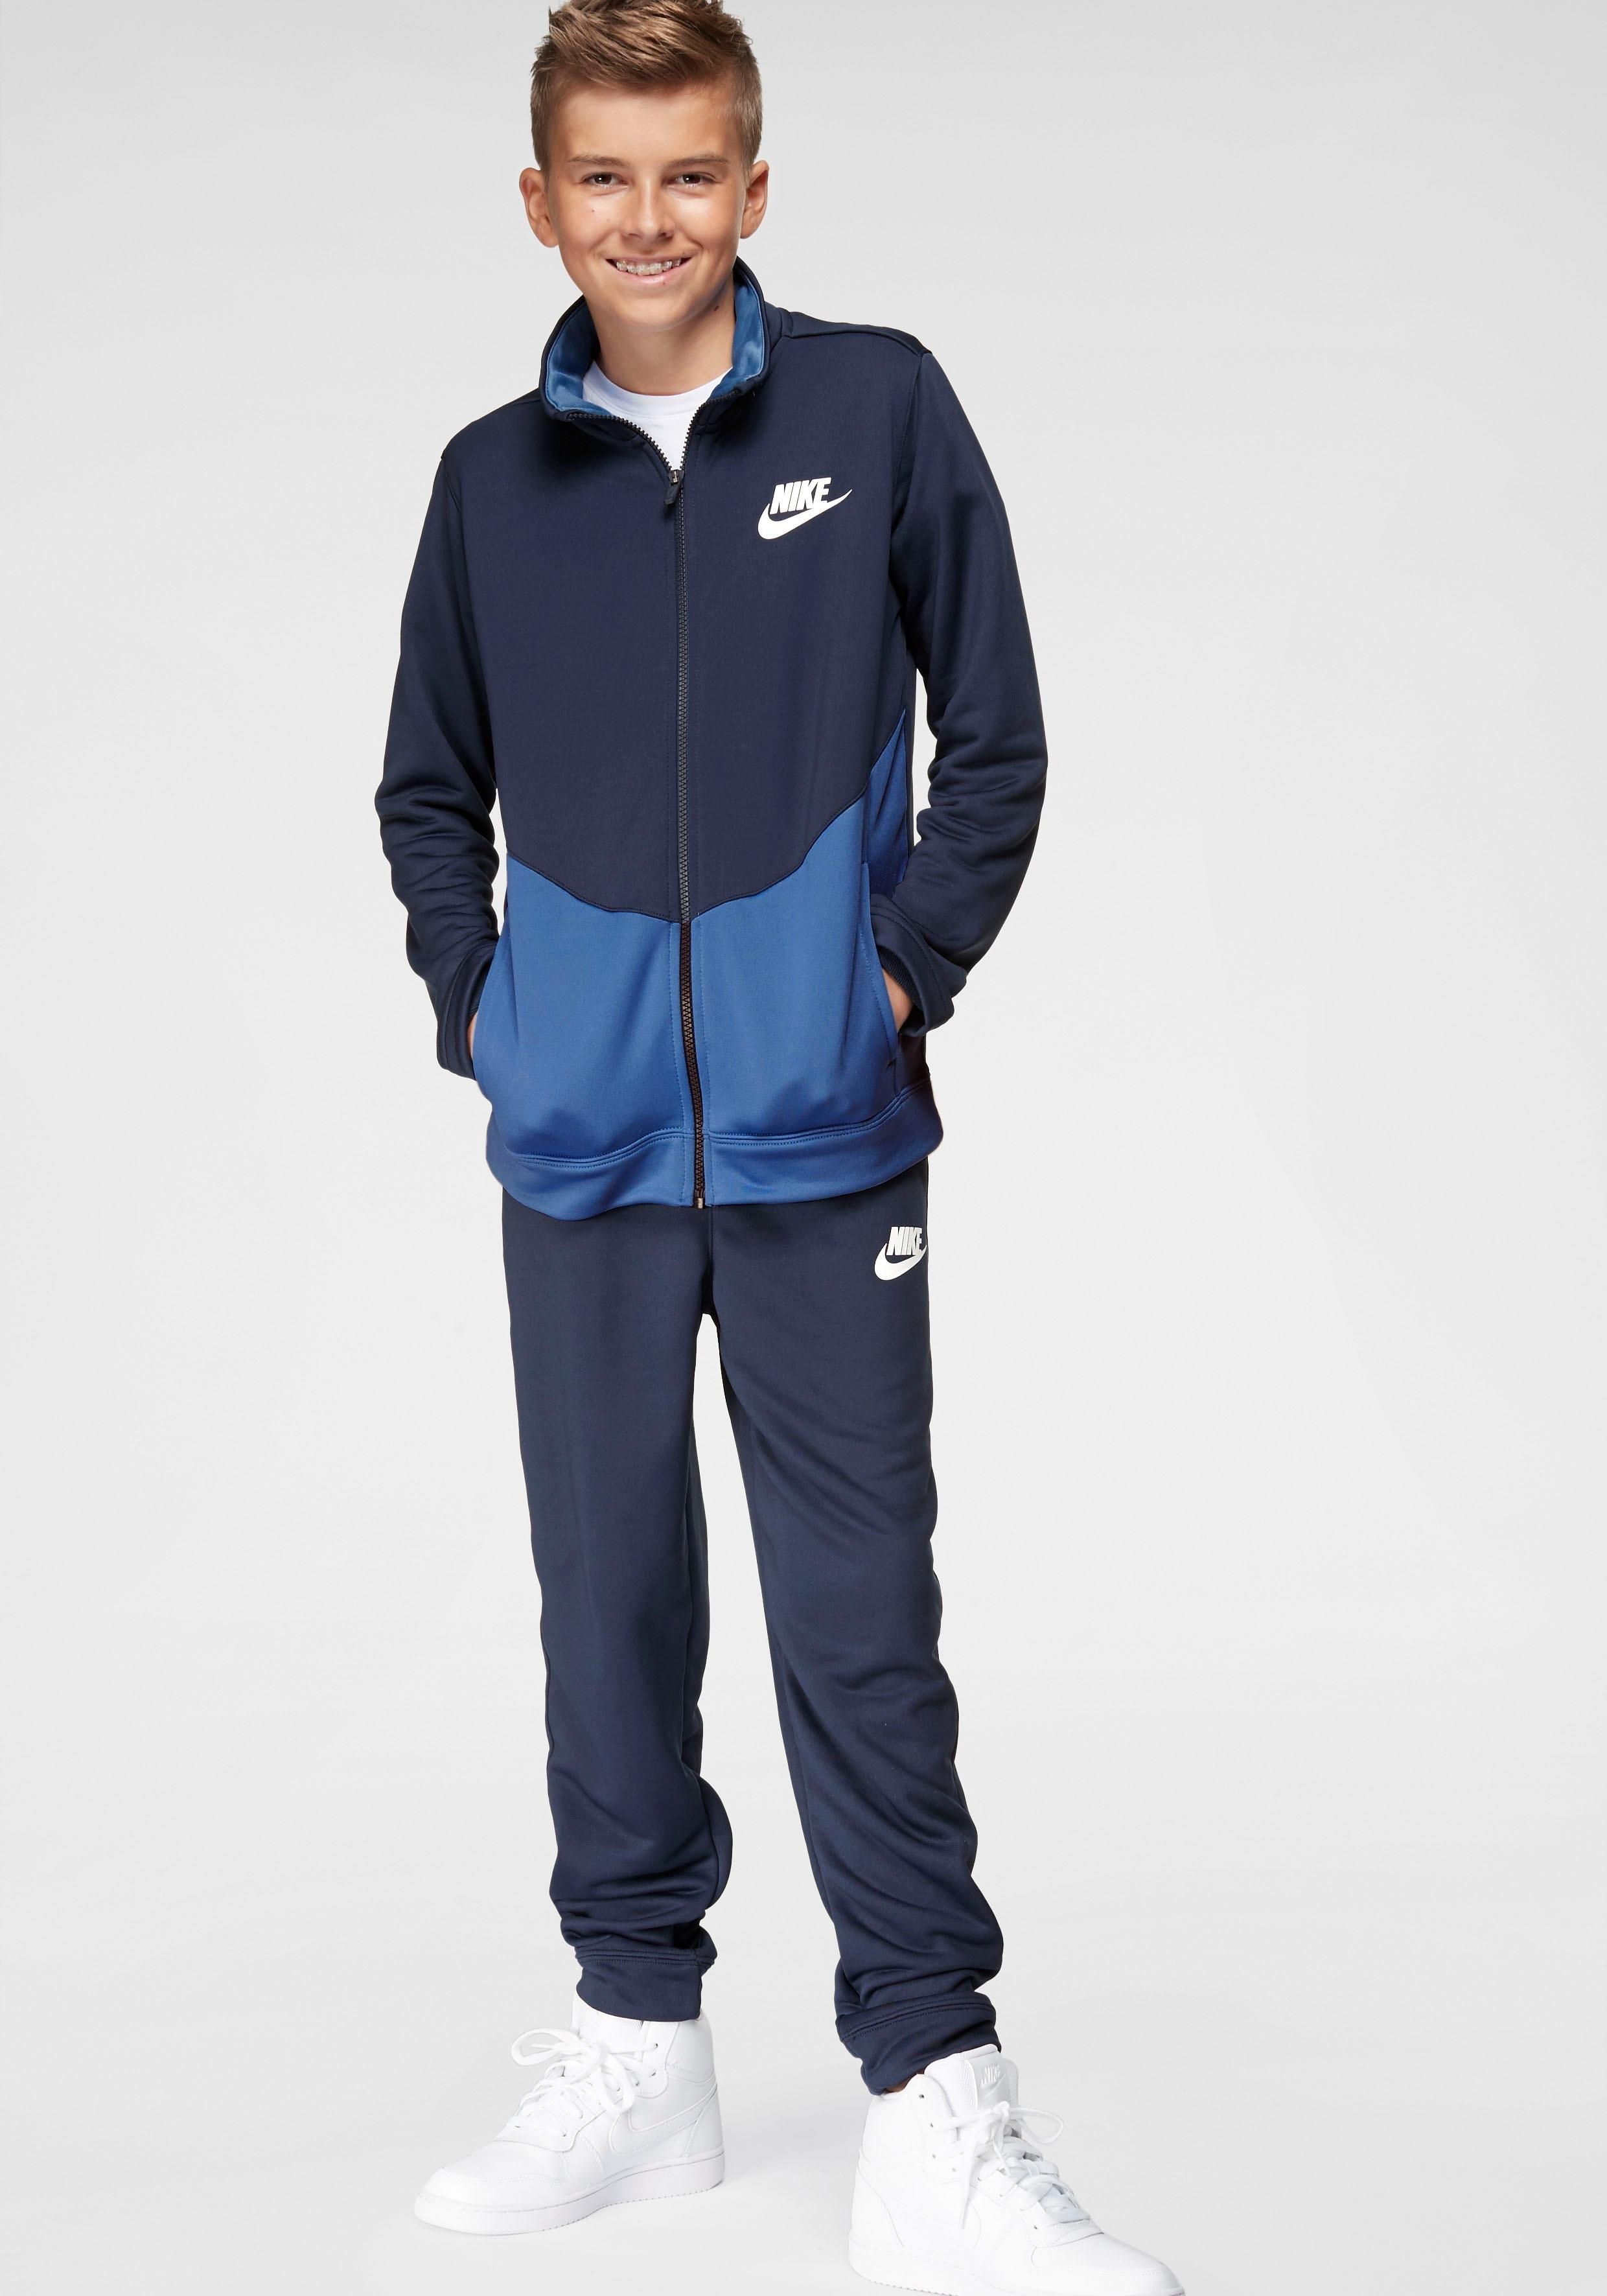 Nike Sportswear trainingspak »BOYS NIKE SPORTSWEAR CORE TRACKSUIT PLAY FUTURA« (set, 2-delig) veilig op otto.nl kopen